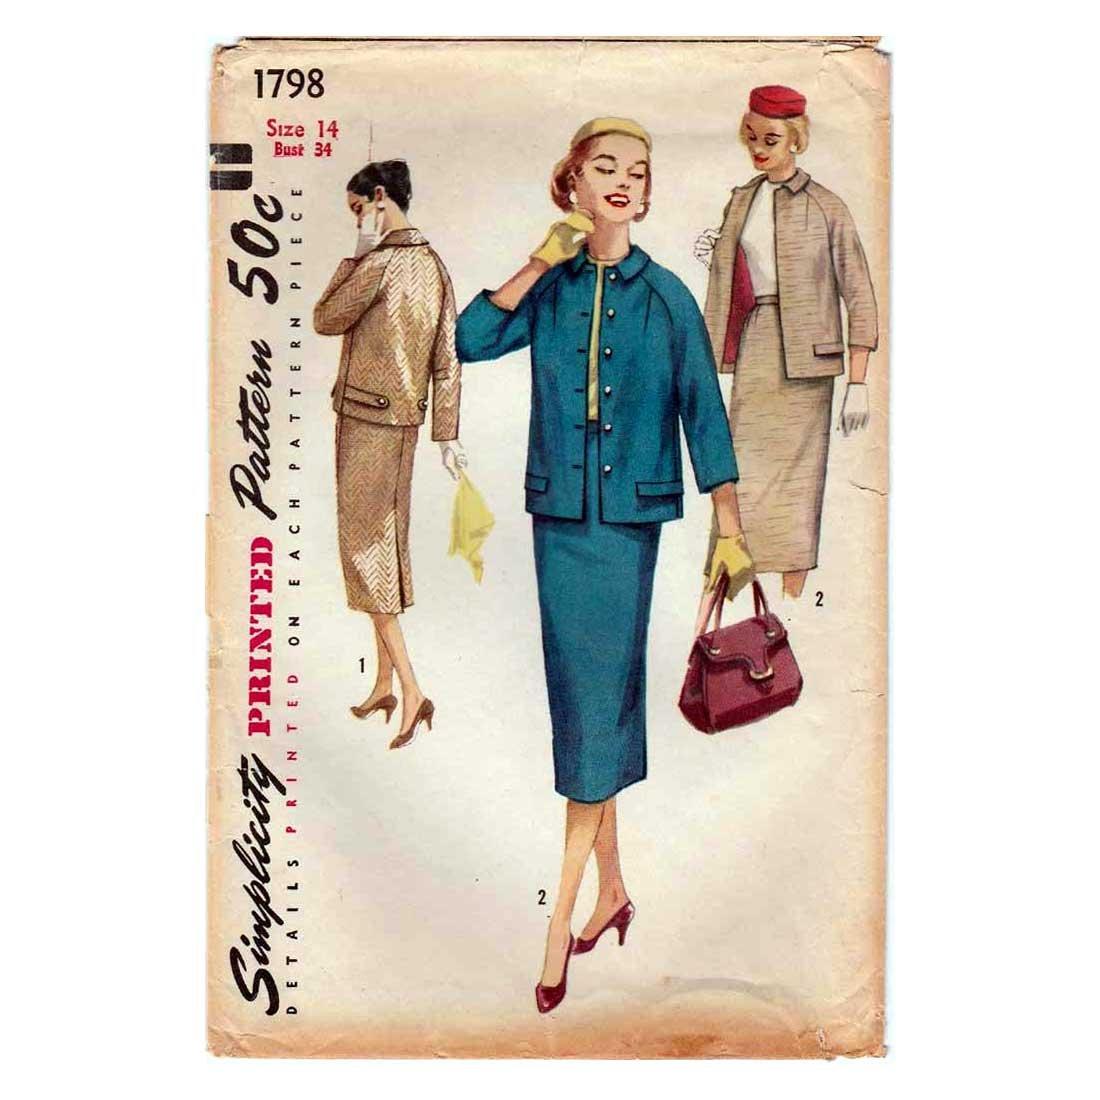 50's Women's Suit Pattern, Slim Skirt and Jacket, Size 14 Uncut Vintage 1950's Simplicity 1798